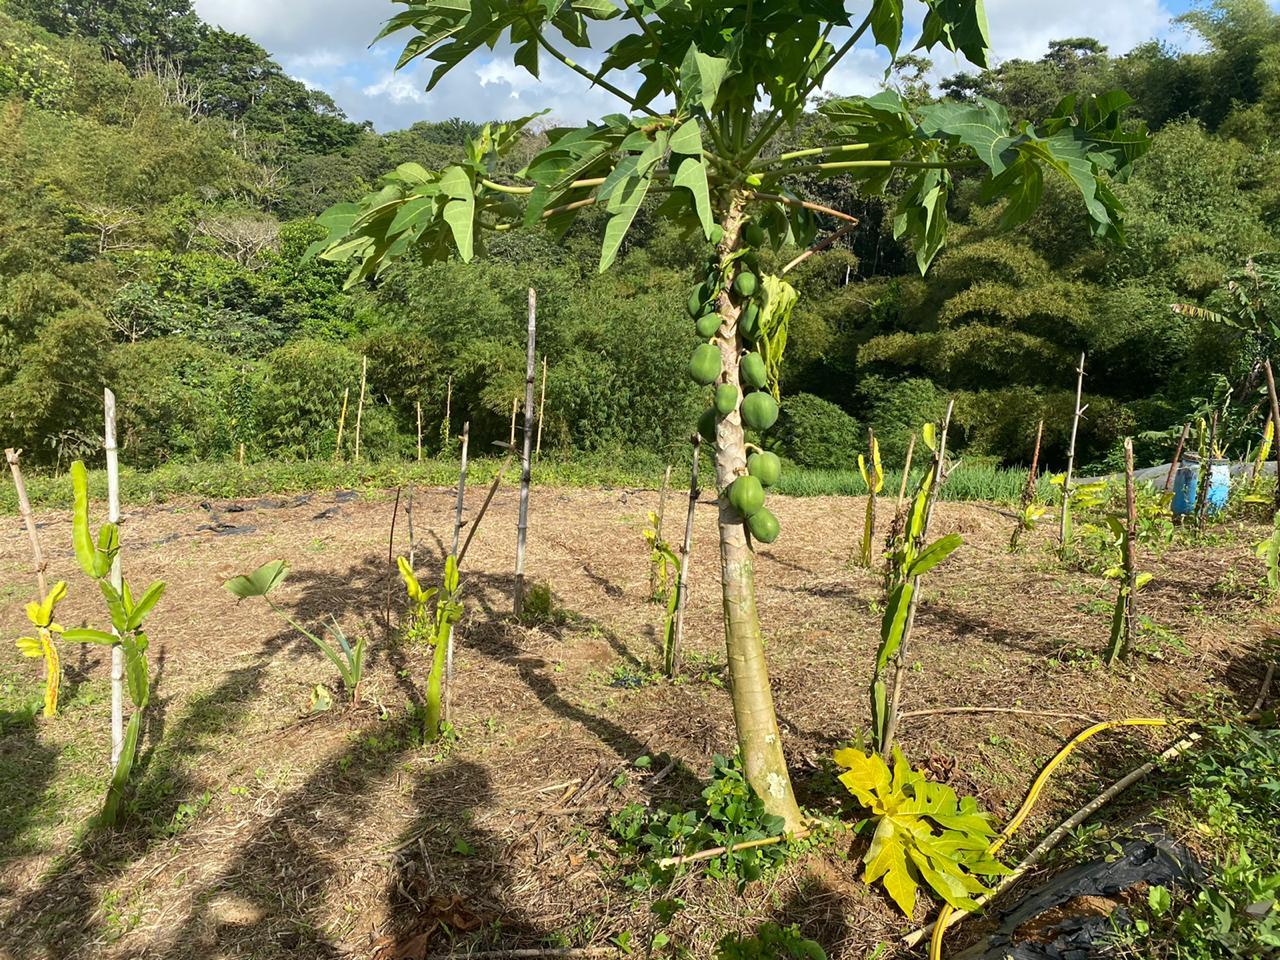 La route des fermes bio de Martinique réunit producteurs bio et chefs d'exception